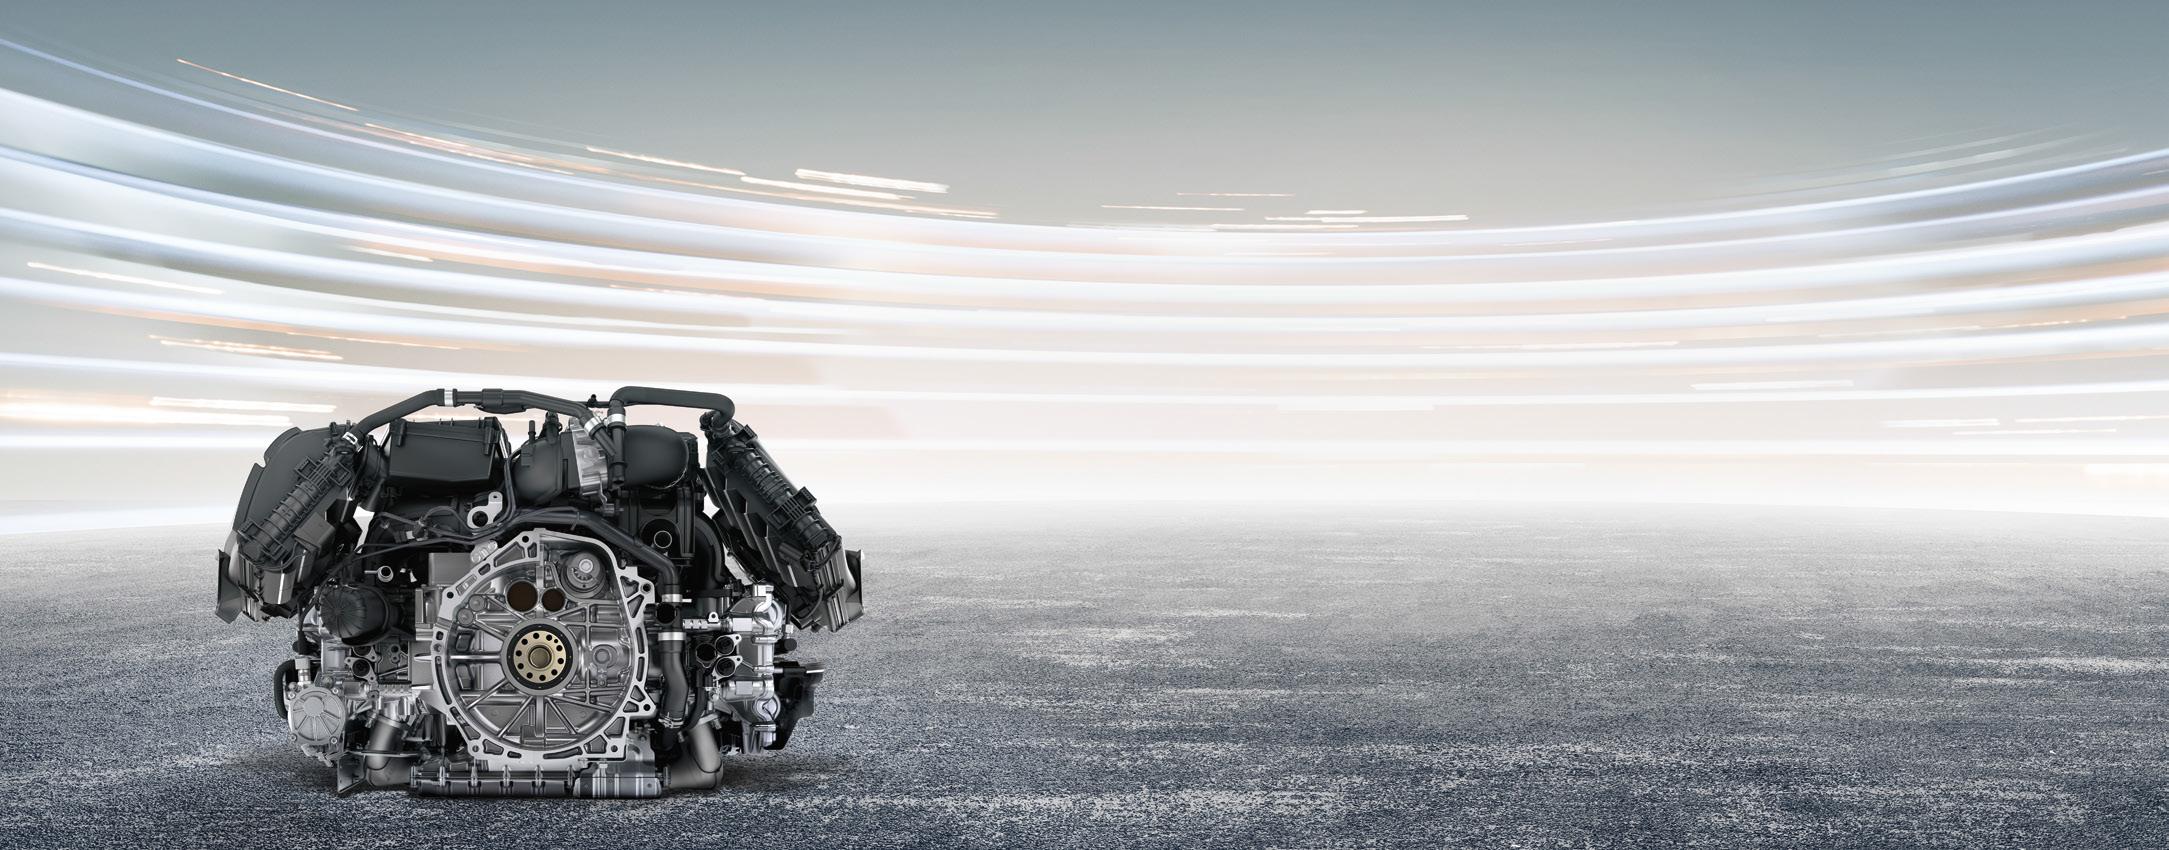 Porsche 718 Boxster - 2016 - moteur / engine